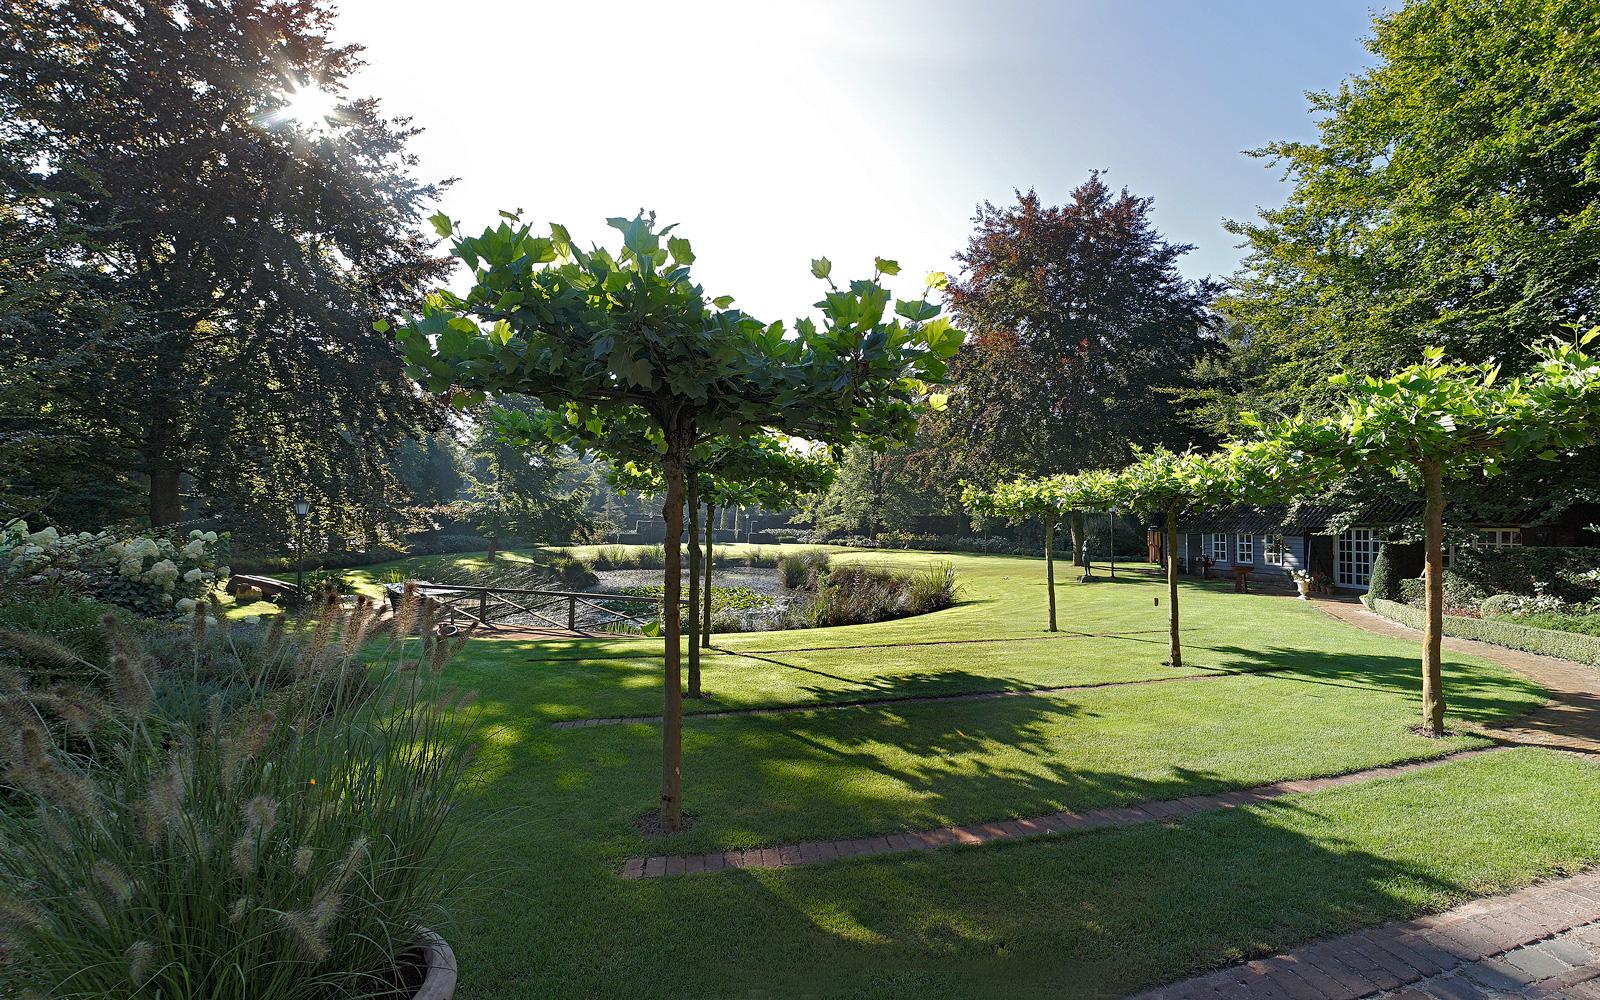 Landschapstuin, vijver, rododendrons, siergrassen, hortensia's, tuin, verbouwing woonboerderij, Marco Daverveld